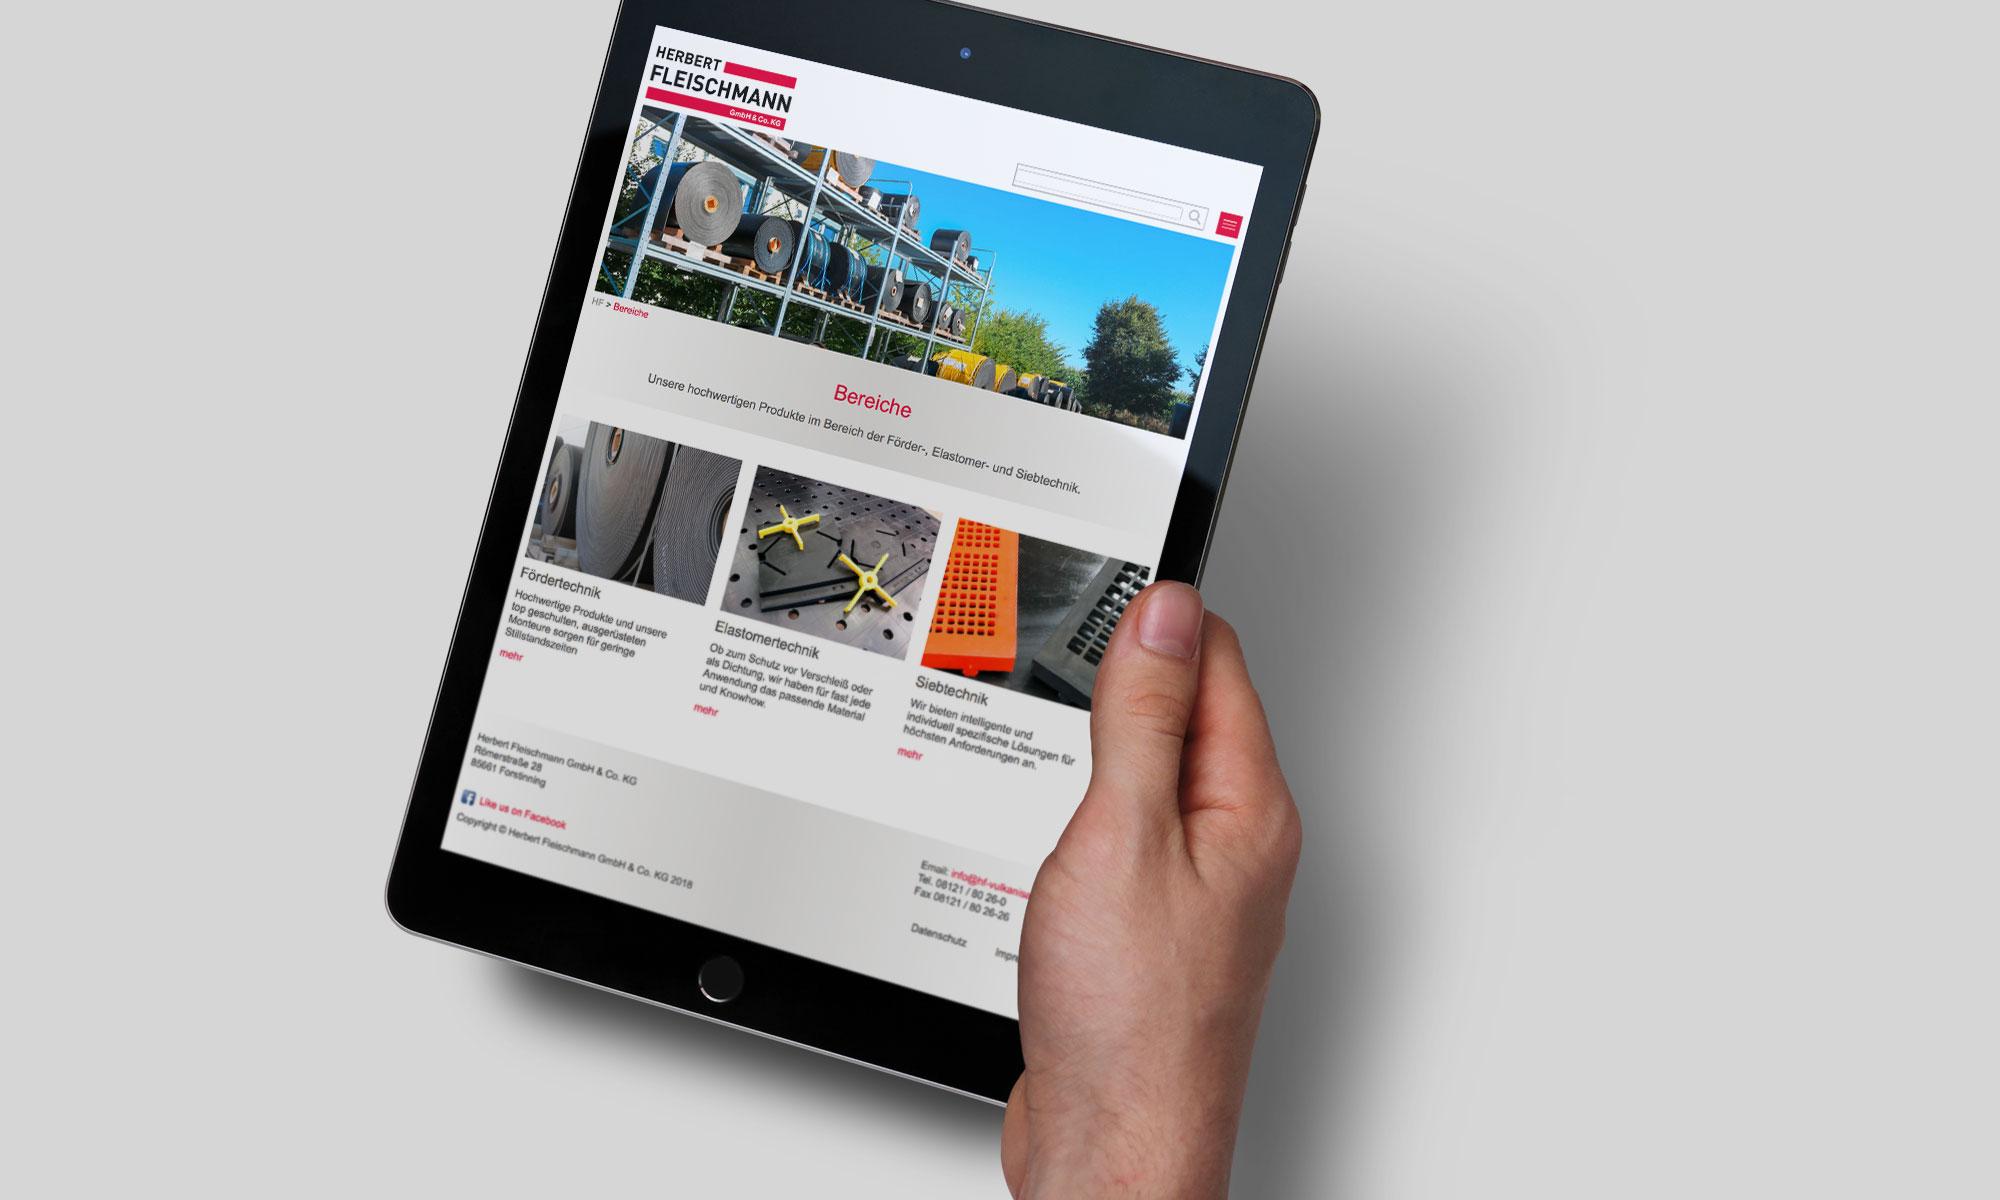 Fleischmann GmbH website